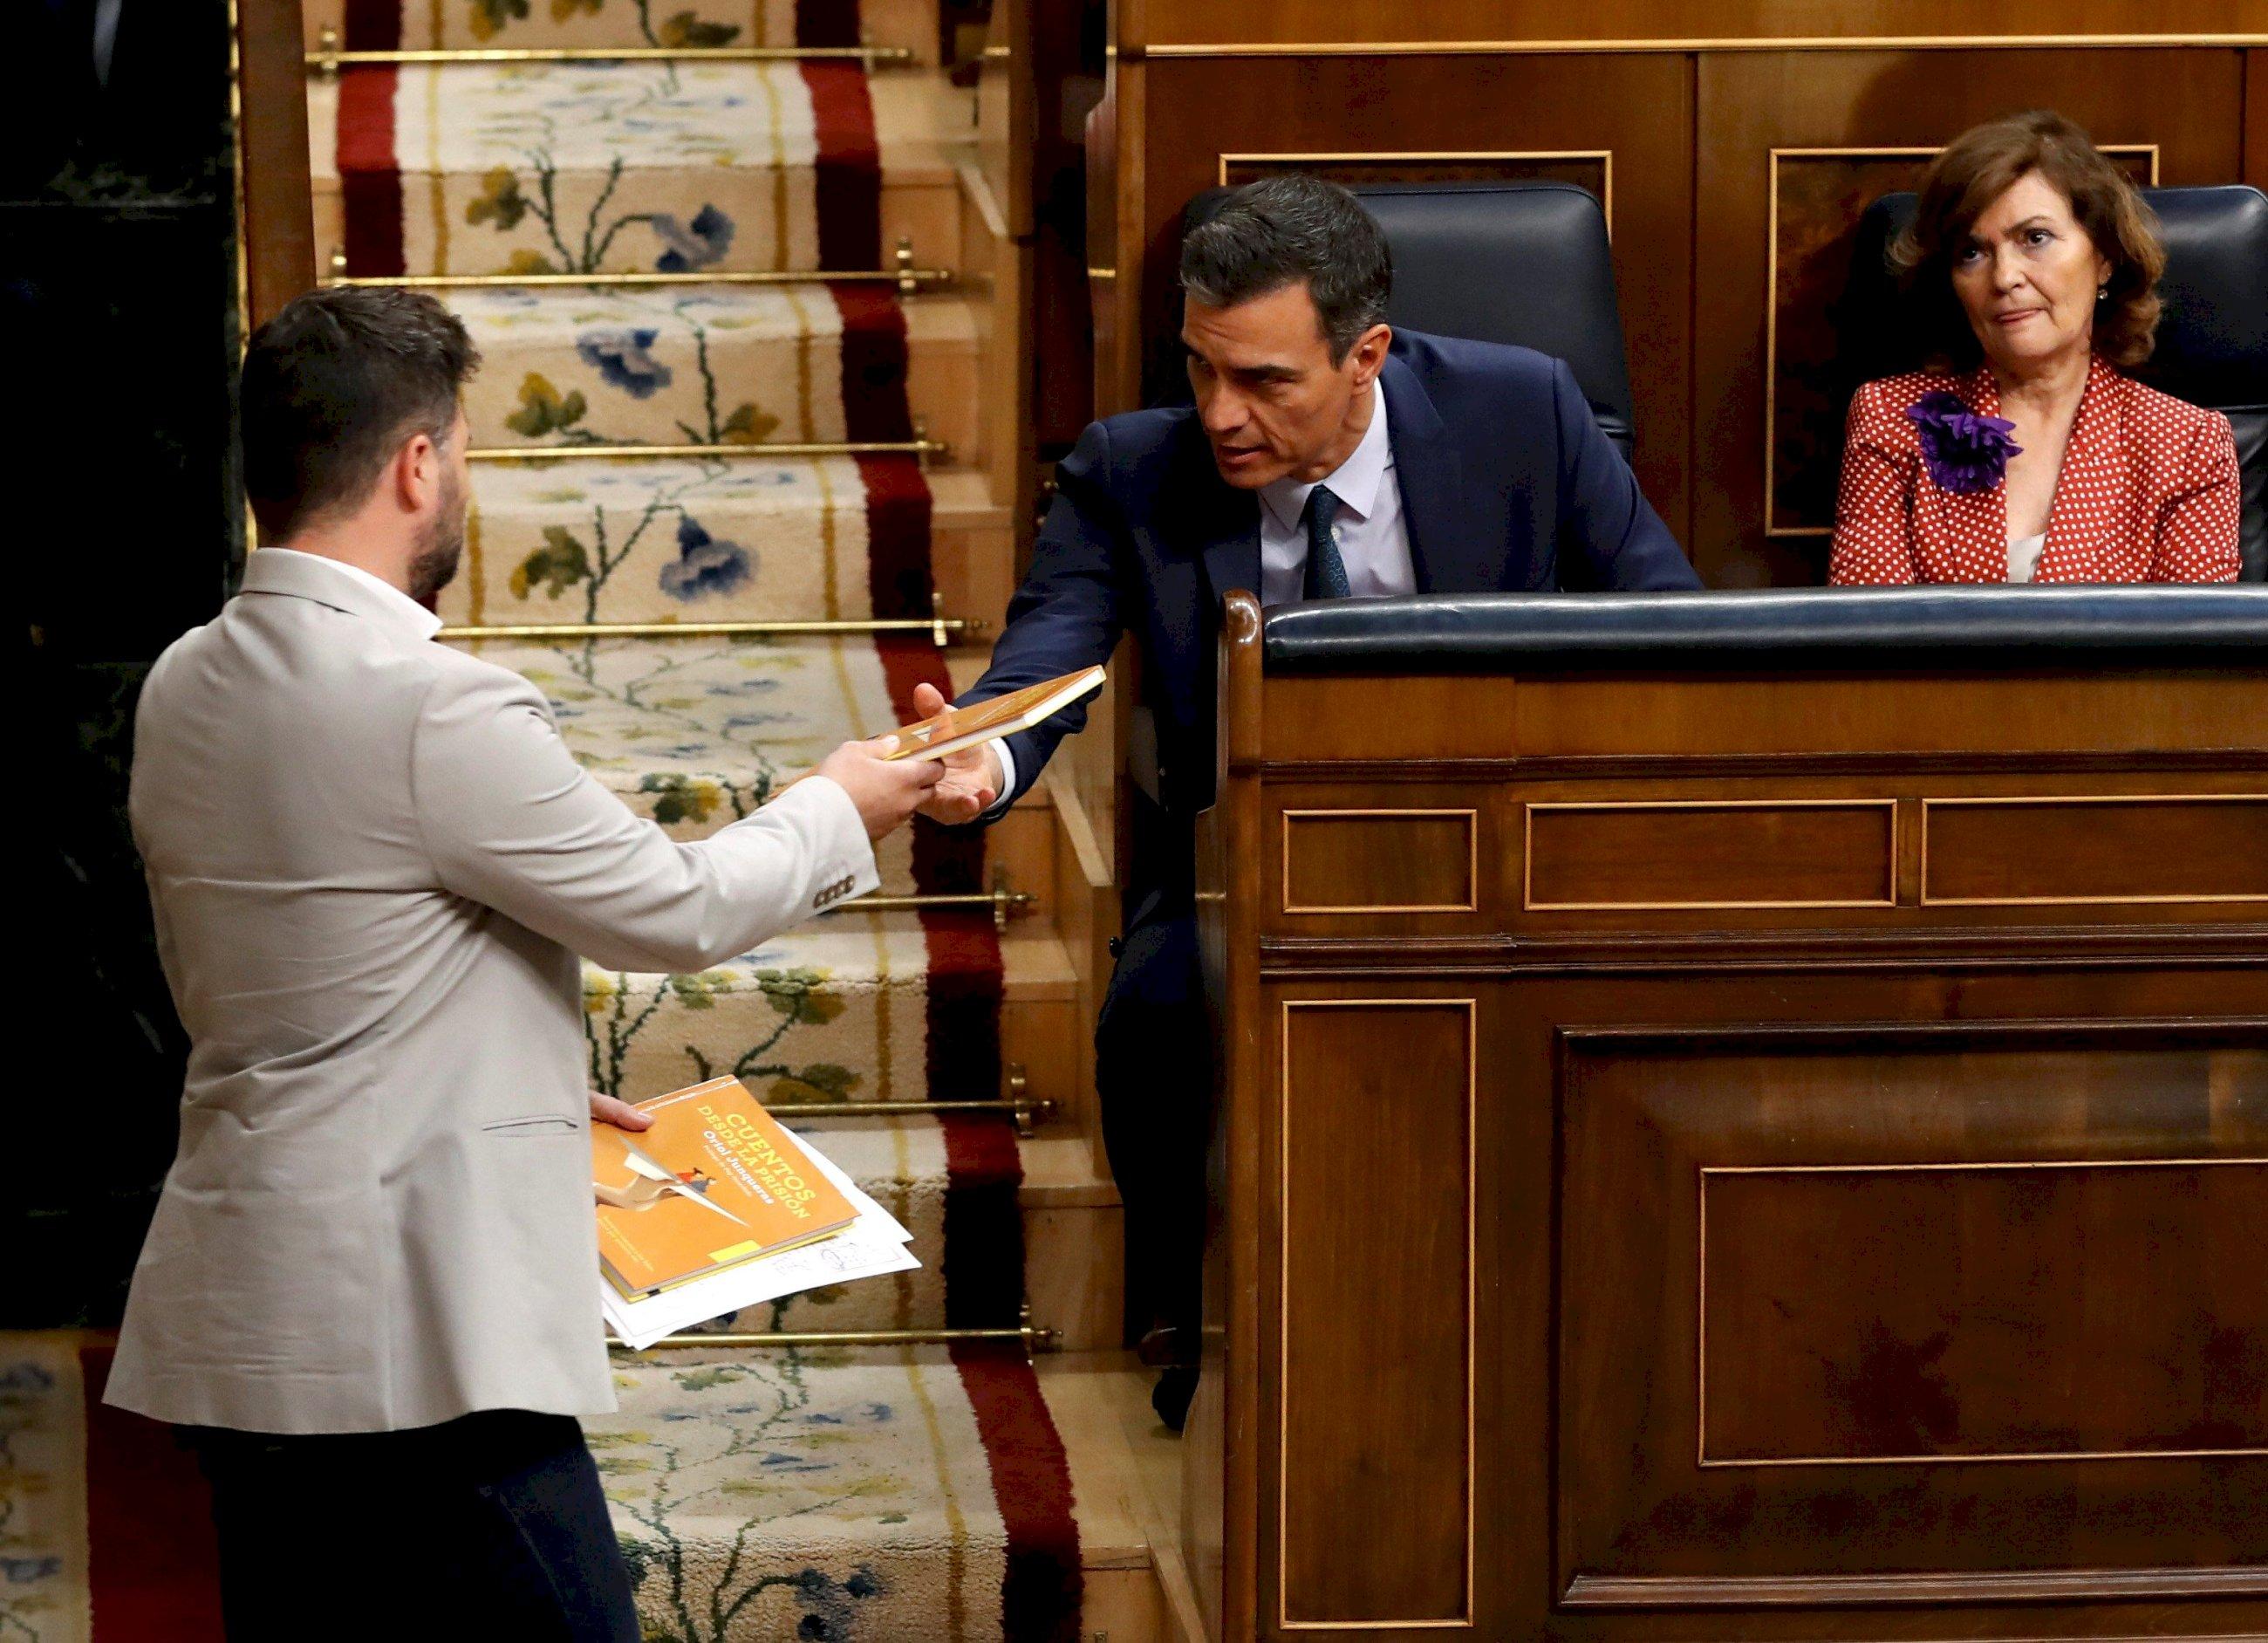 El portavoz de ERC, Gabriel Rufián, de pie, entregando a Sánchez un ejemplar del libro de cuentos escrito por Junqueras en prisión en julio. Foto: EFE/Ballesteros